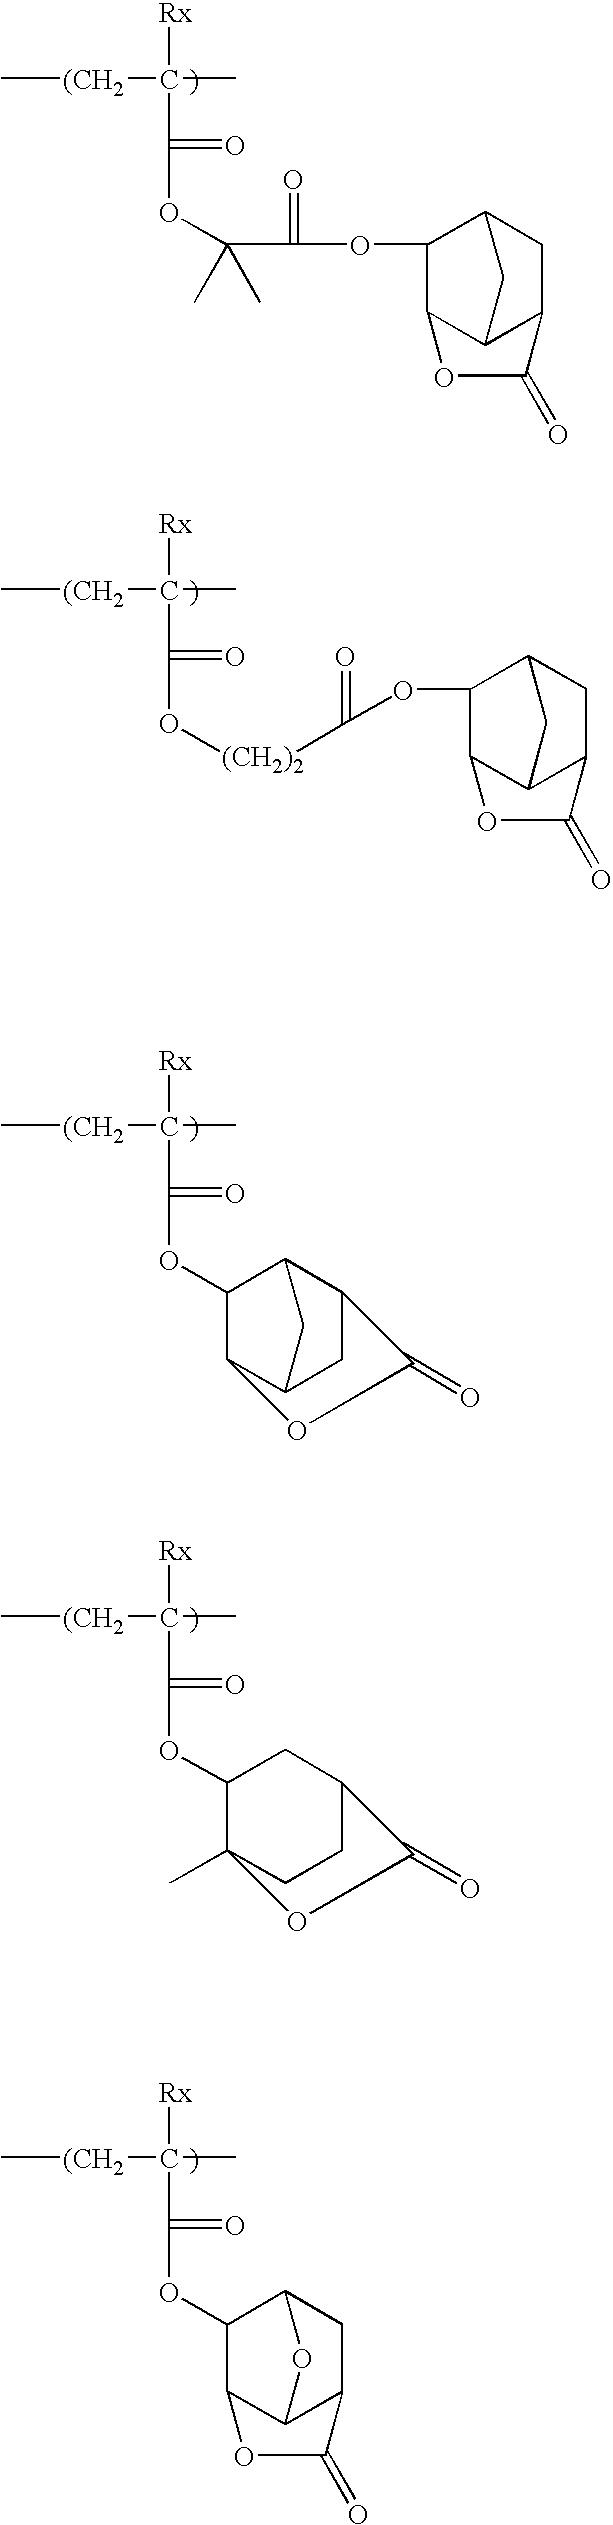 Figure US08404427-20130326-C00058